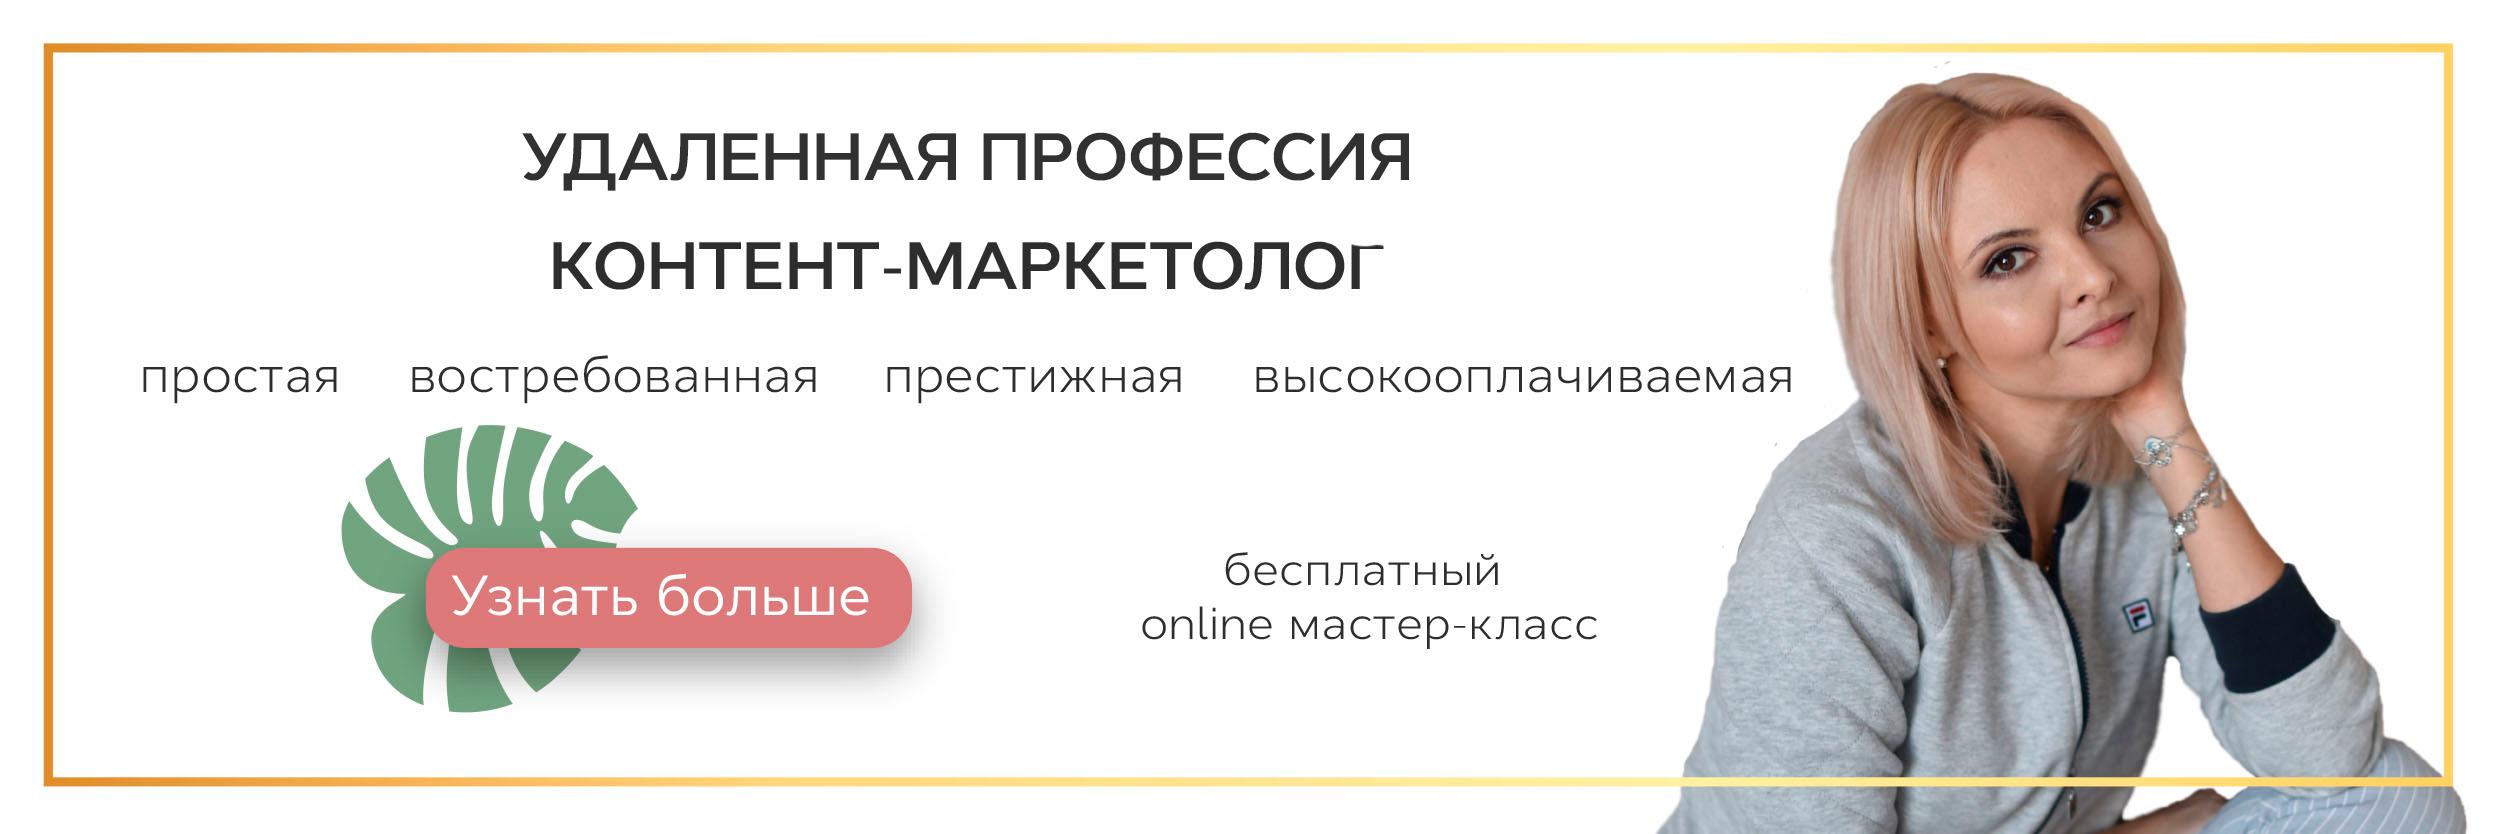 бесплатный мастер класс контент маркетолога